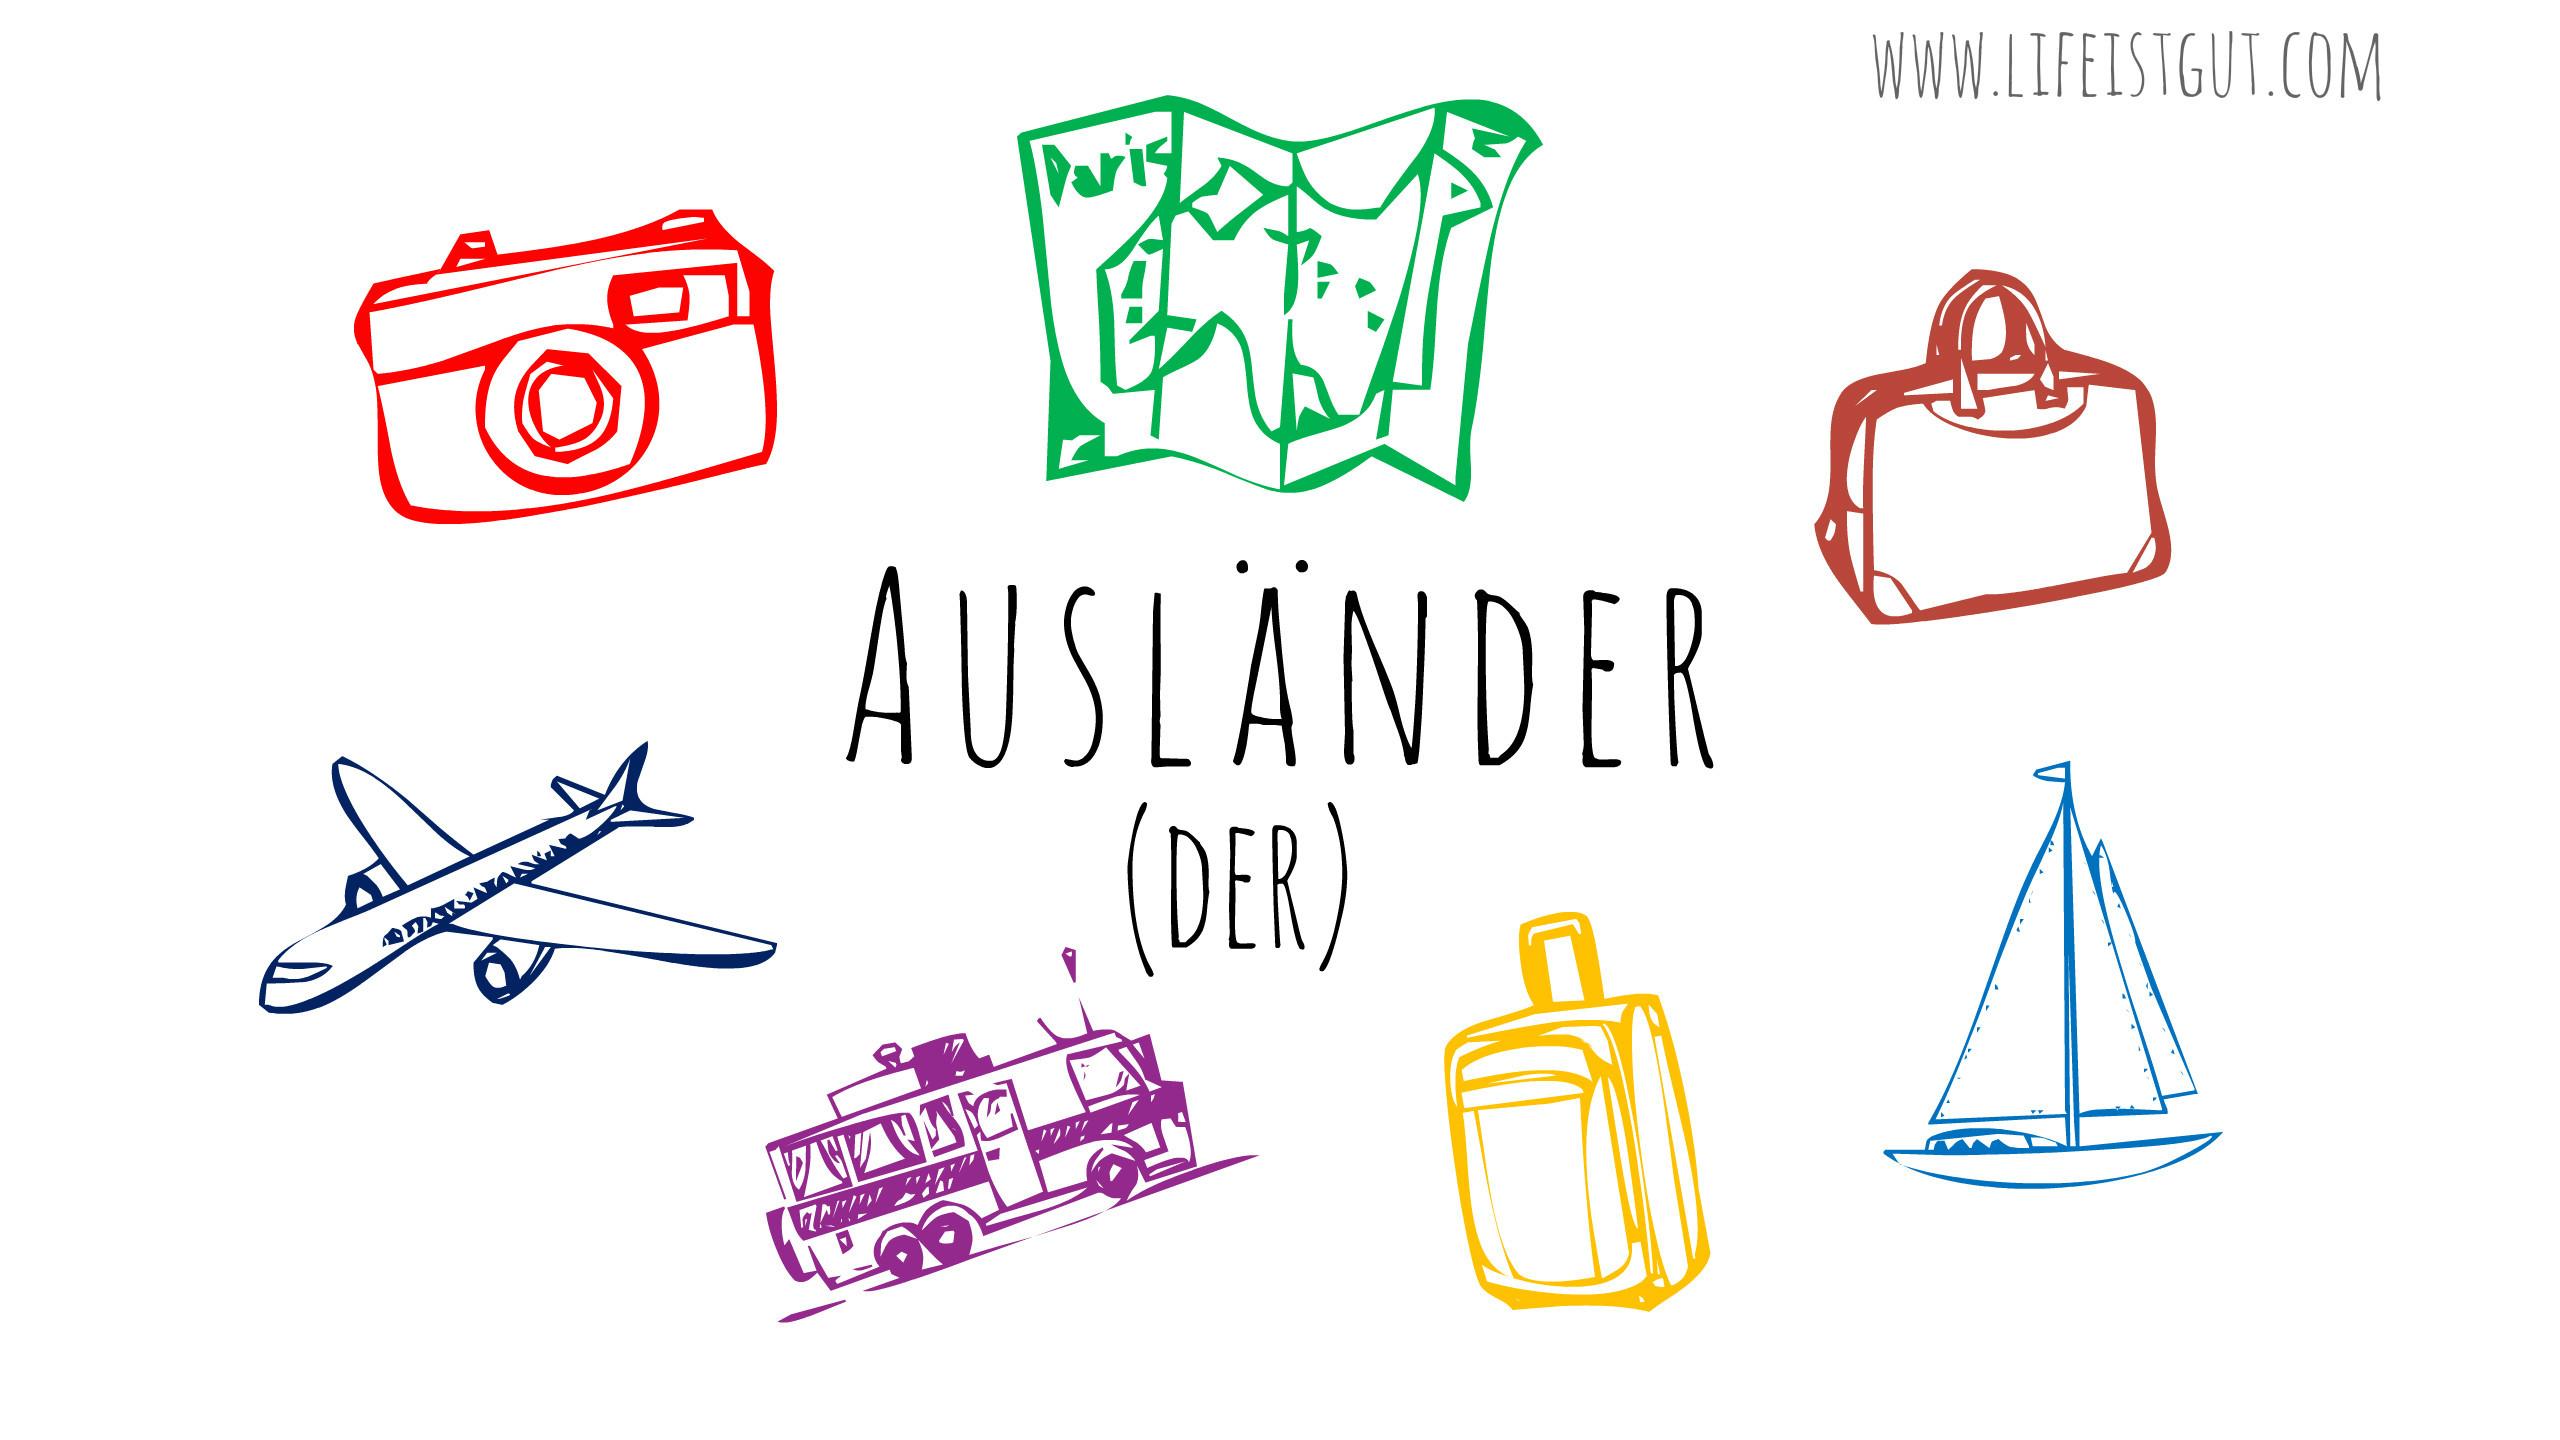 Иностранцы в Германии: Как меняется поведение и какие новые привычки приобретает иностранец, переехавший в Германию aus-la%cc%88n-der